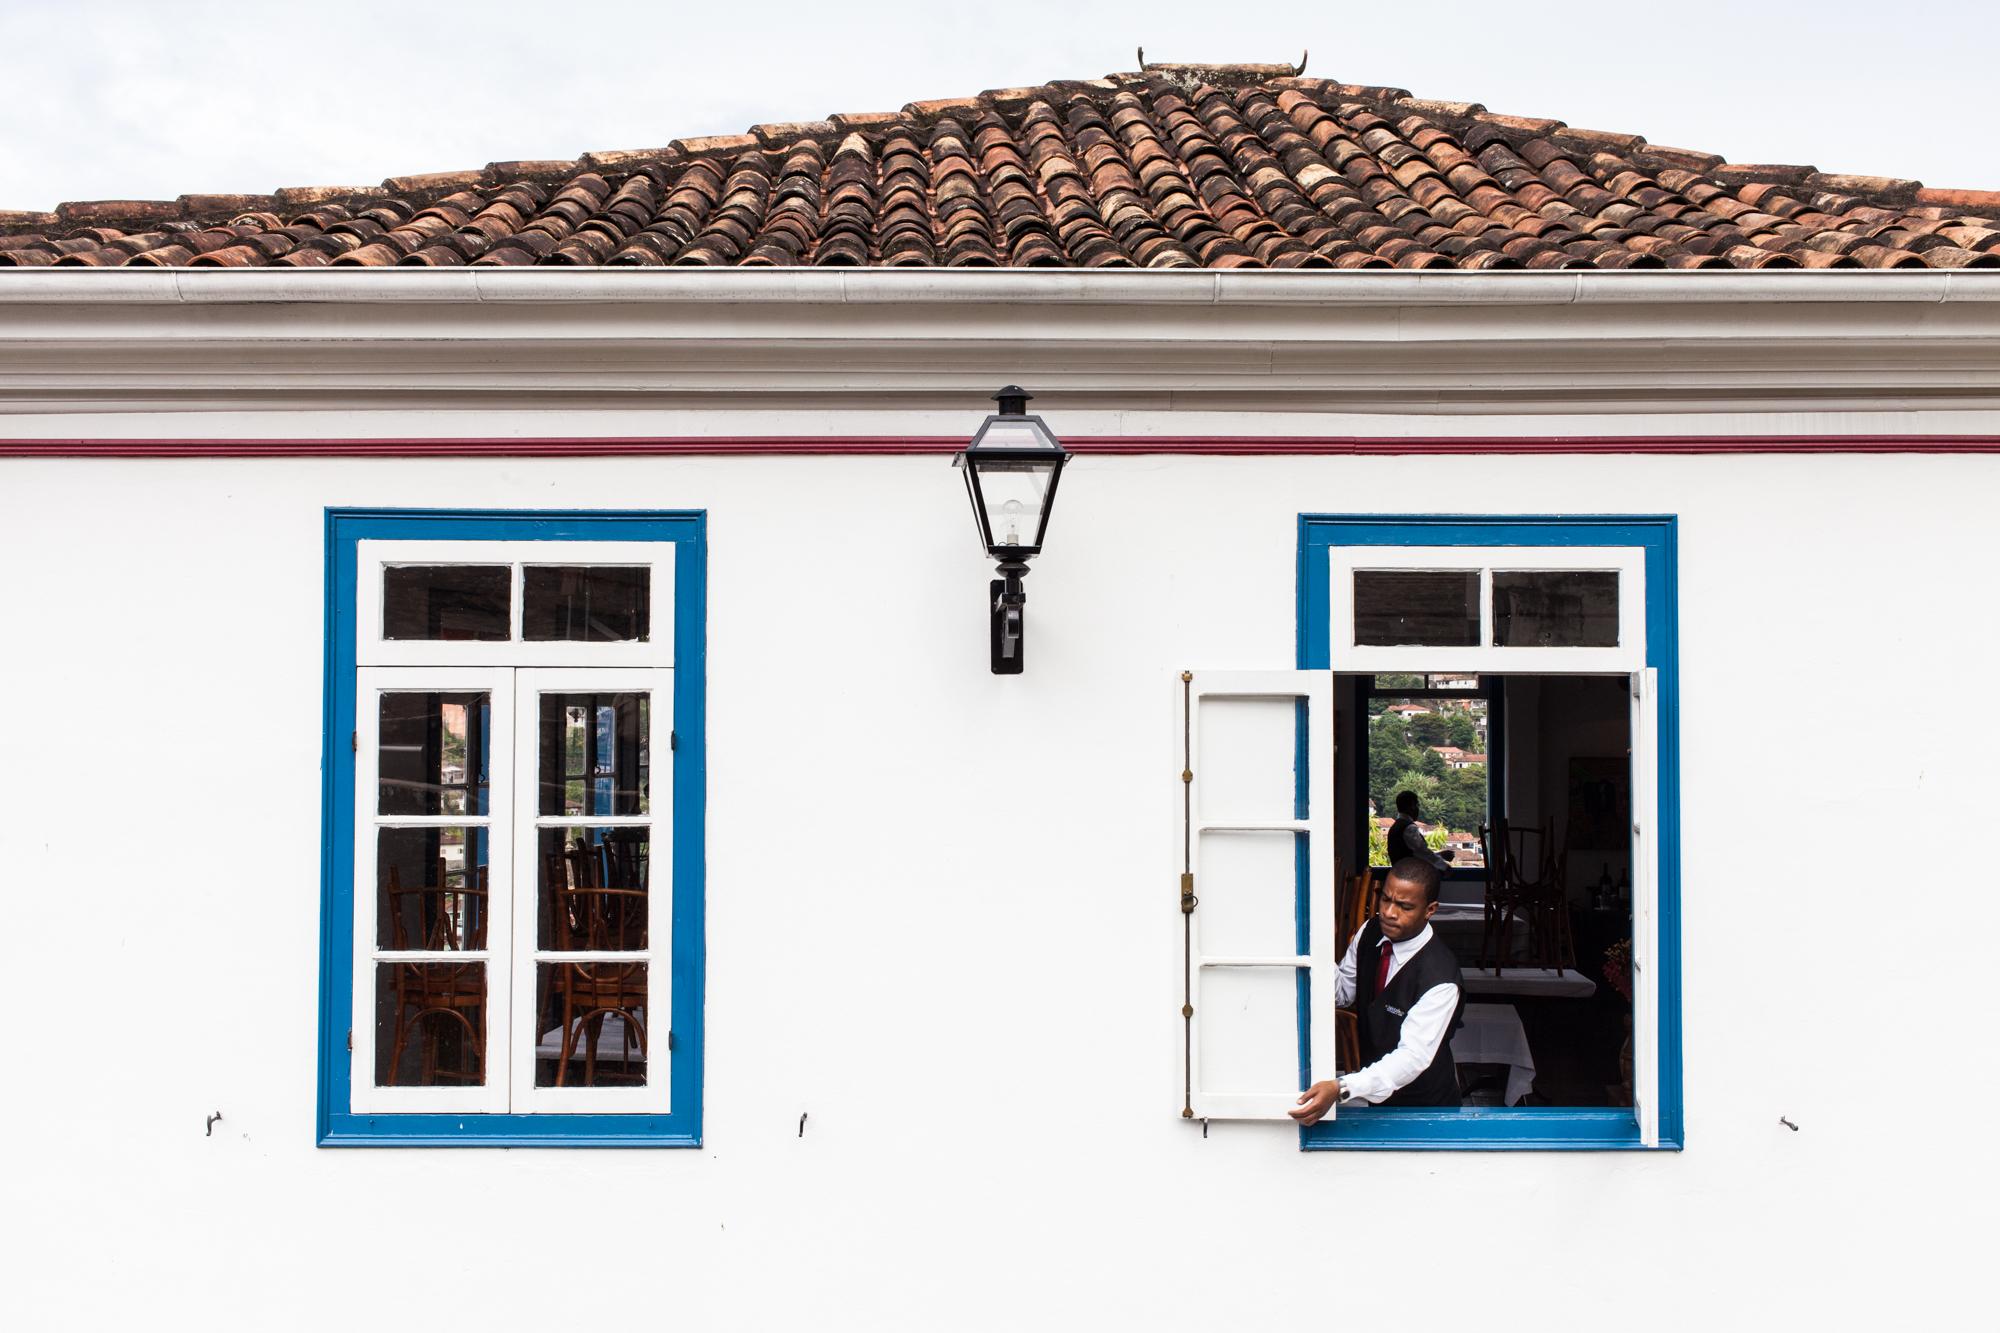 A man closes a restaurant window in Ouro Preto, Minas Gerais